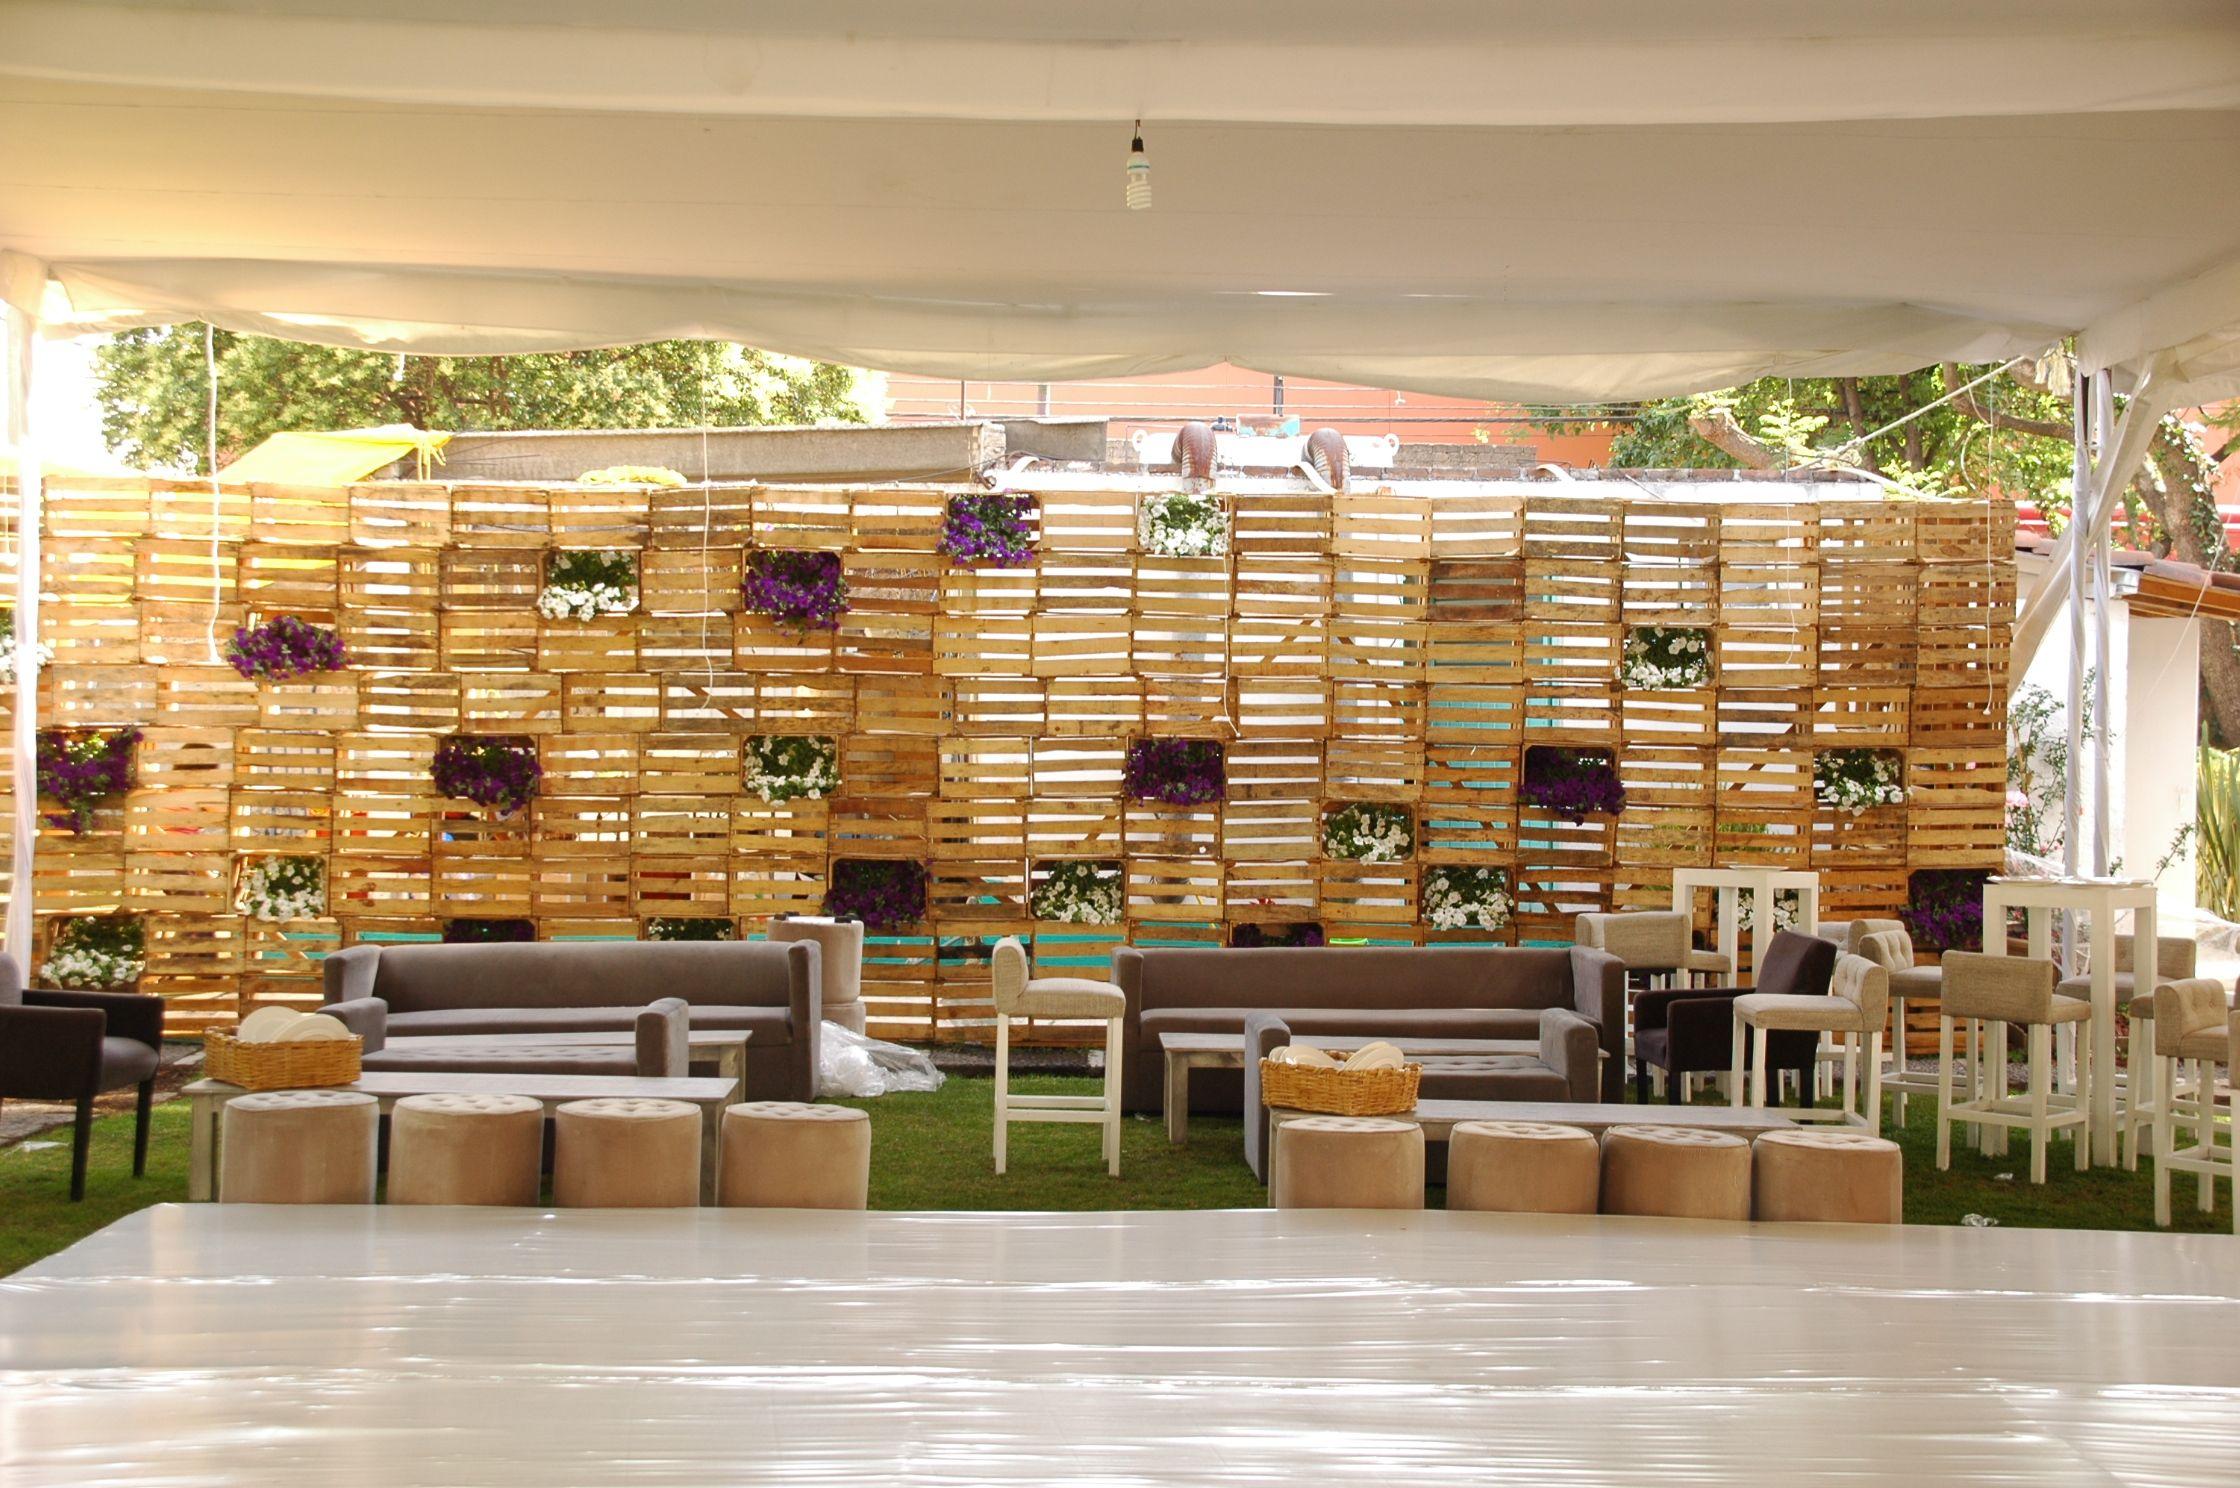 Celos a de huacales de madera jard n vertical - Decoraciones para paredes ...